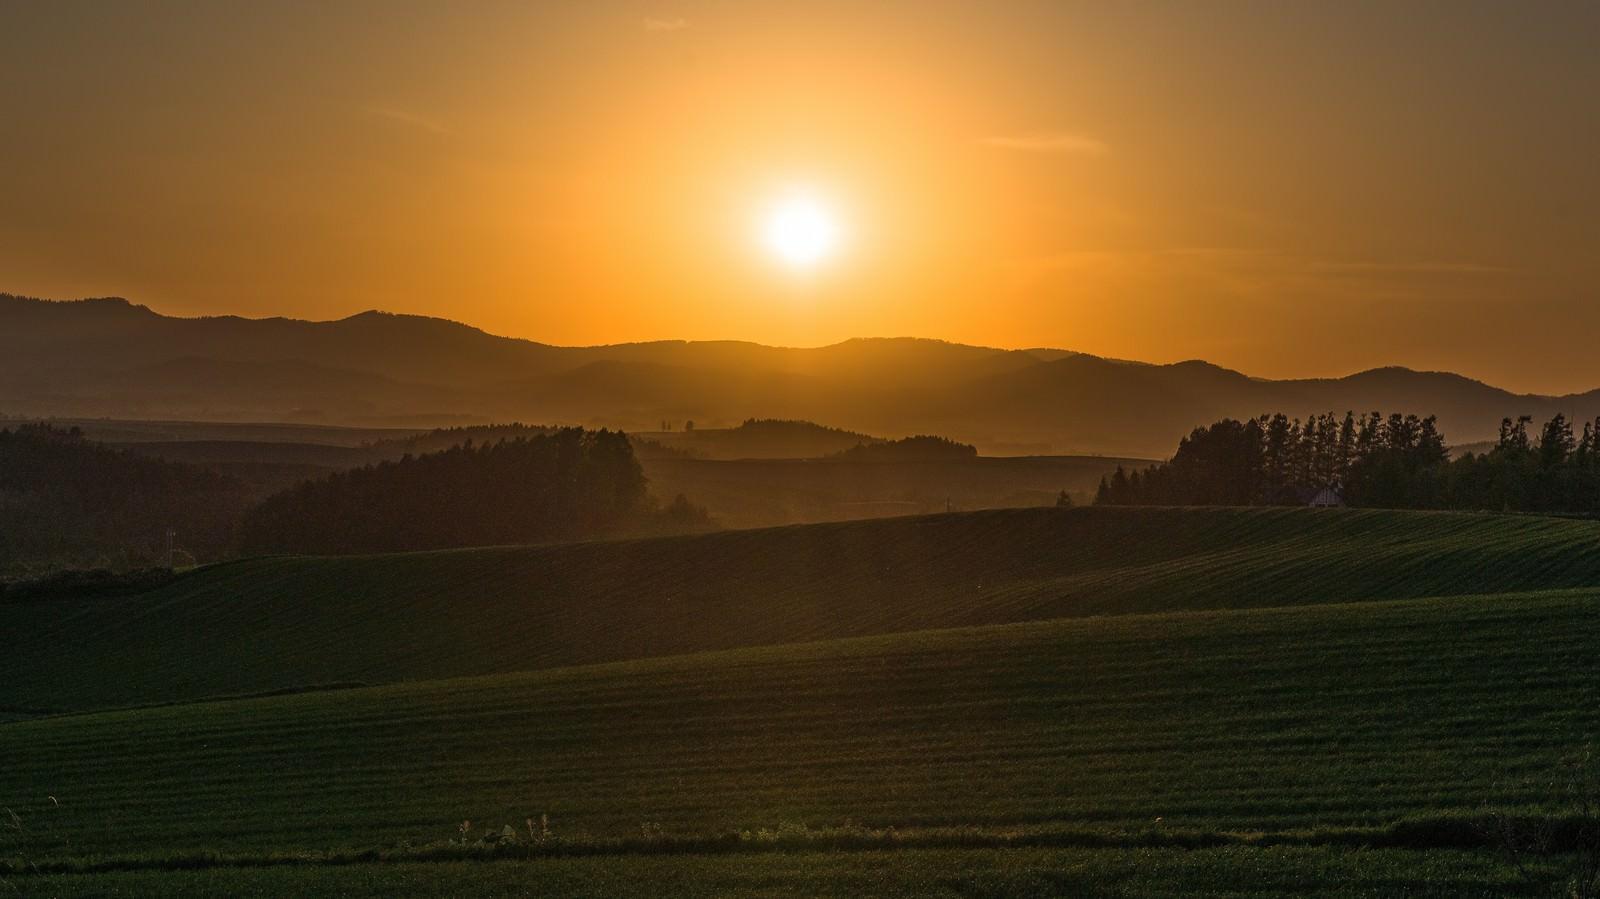 「夕暮れの美瑛の丘」の写真